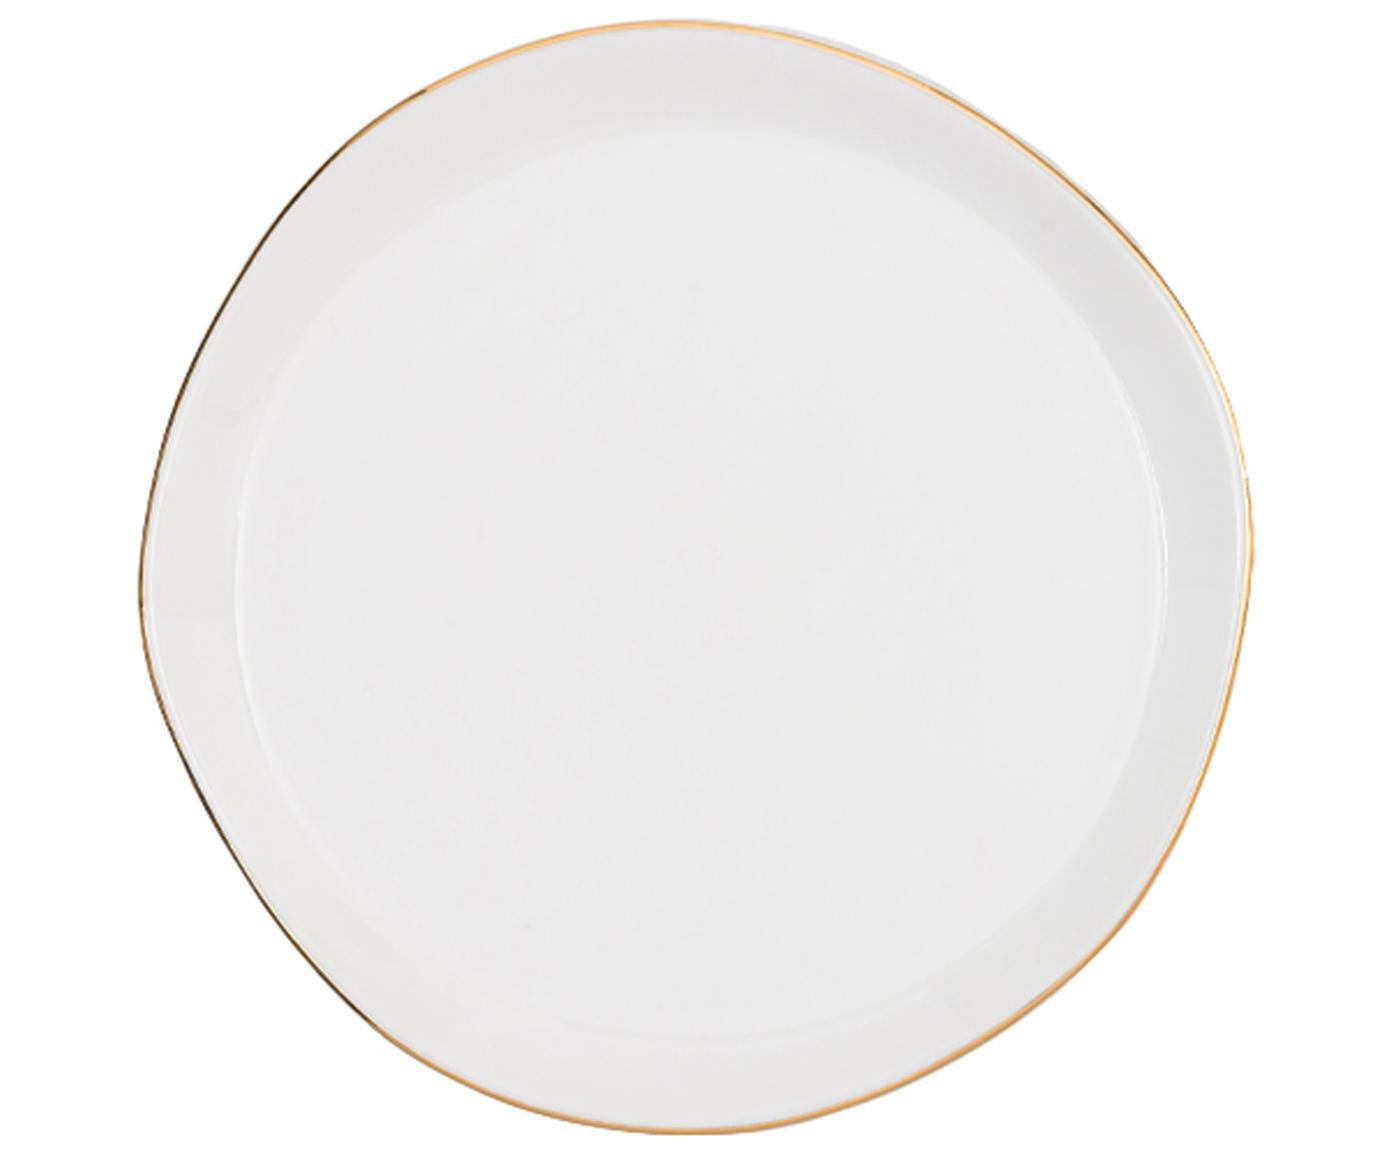 Plato postre Good Morning, Porcelana, Blanco, dorado, Ø 17 cm